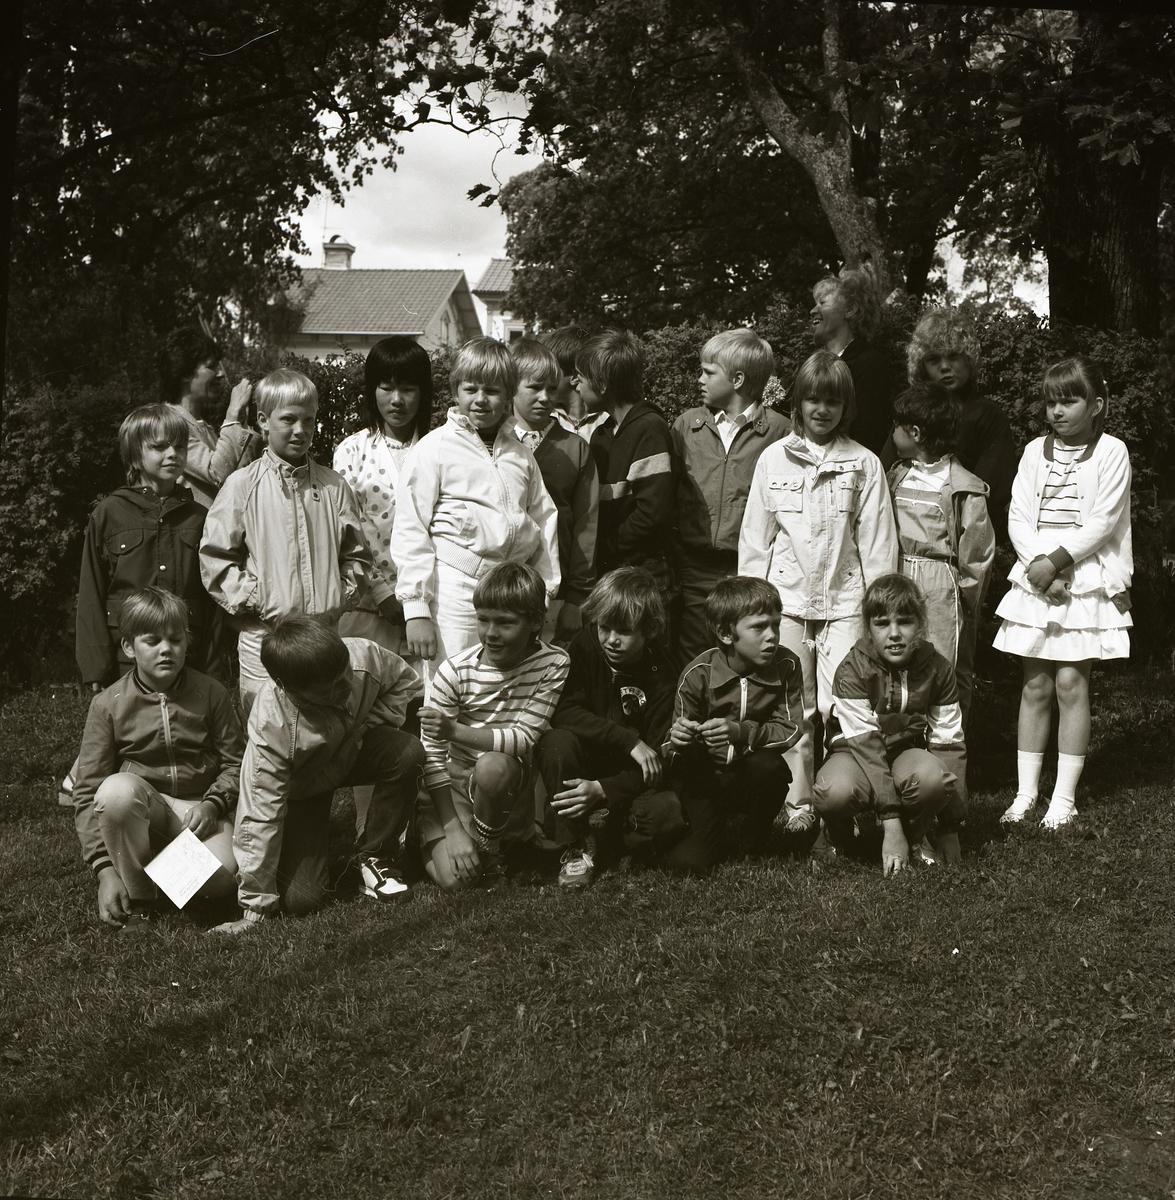 En grupp barn har samlats framför en häck för att ta en gruppfoto. Det är en fin dag i juni 1983 vid Alfta kyrka och barnen är uppklädda. Bakom gruppen skymtar några hustak fram mellan två trädkronor som ramar in motivet.